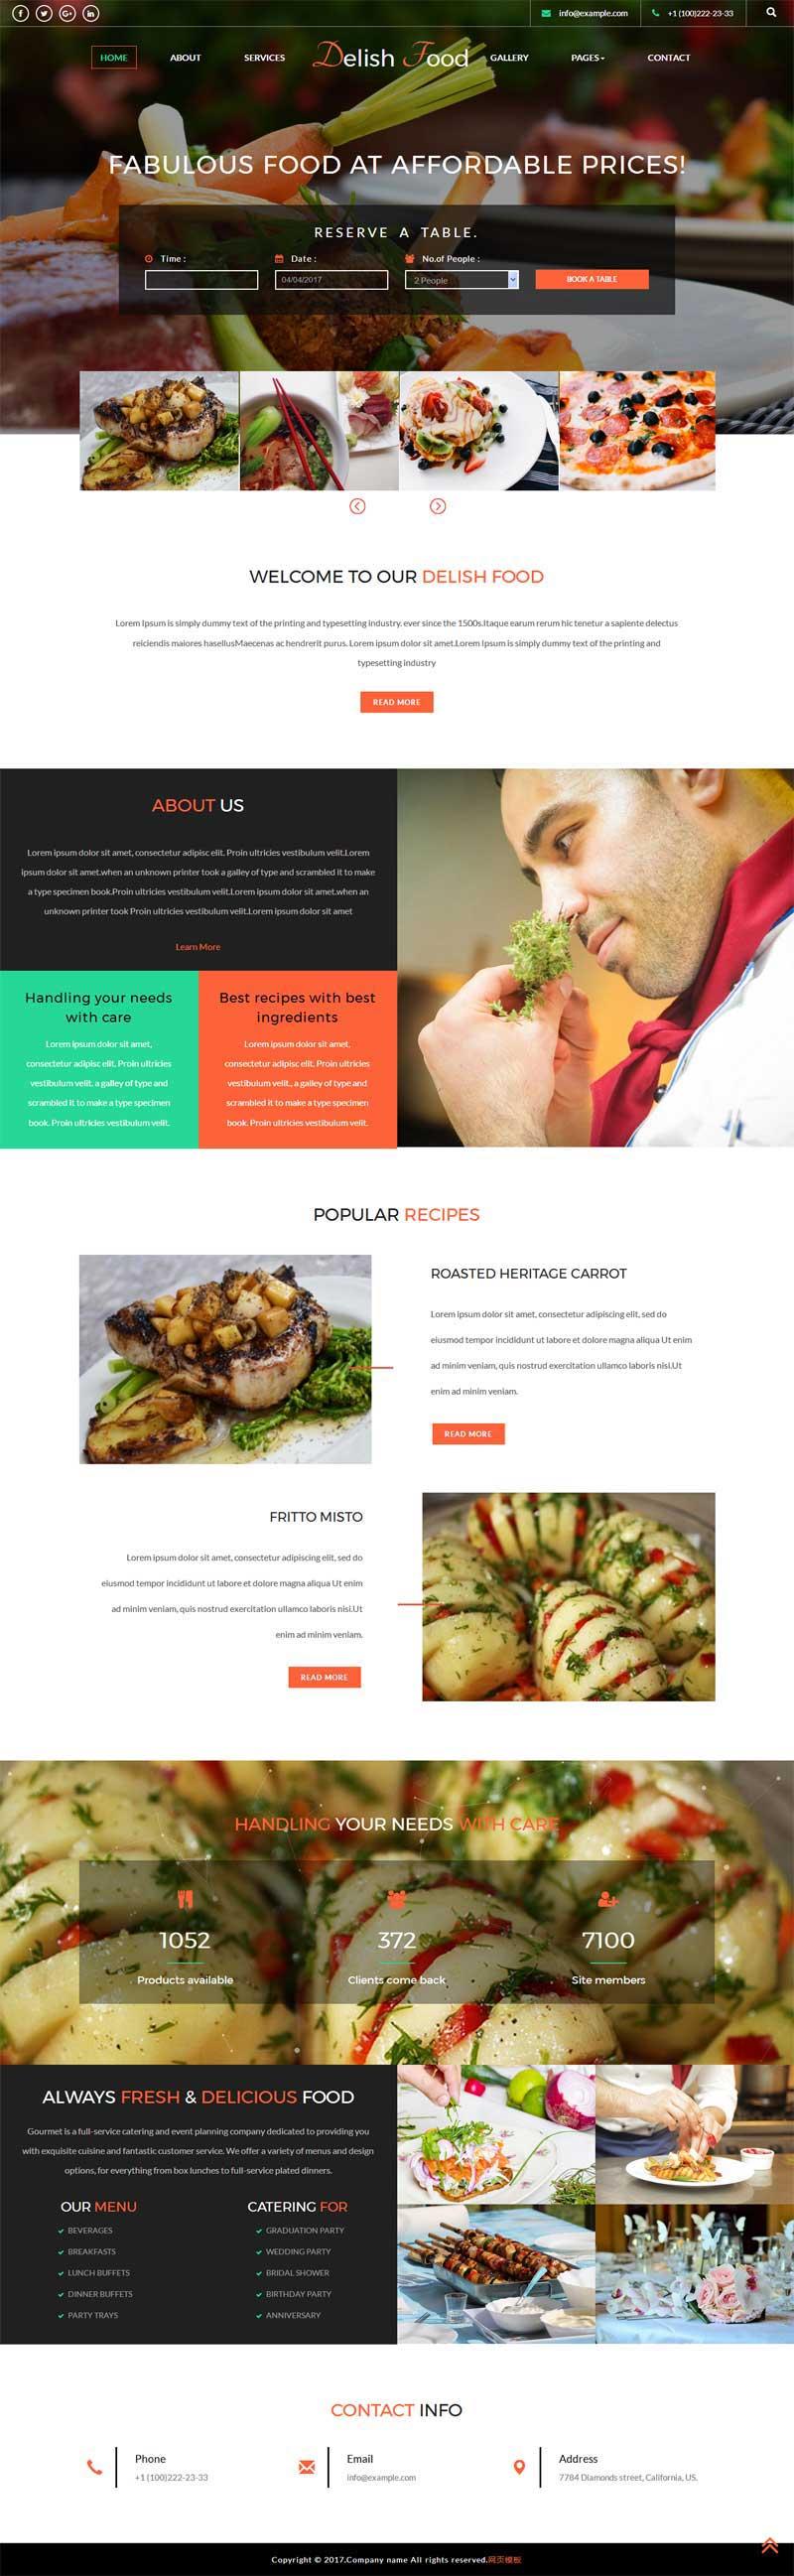 宽屏的西餐美食产品展示网页模板下载